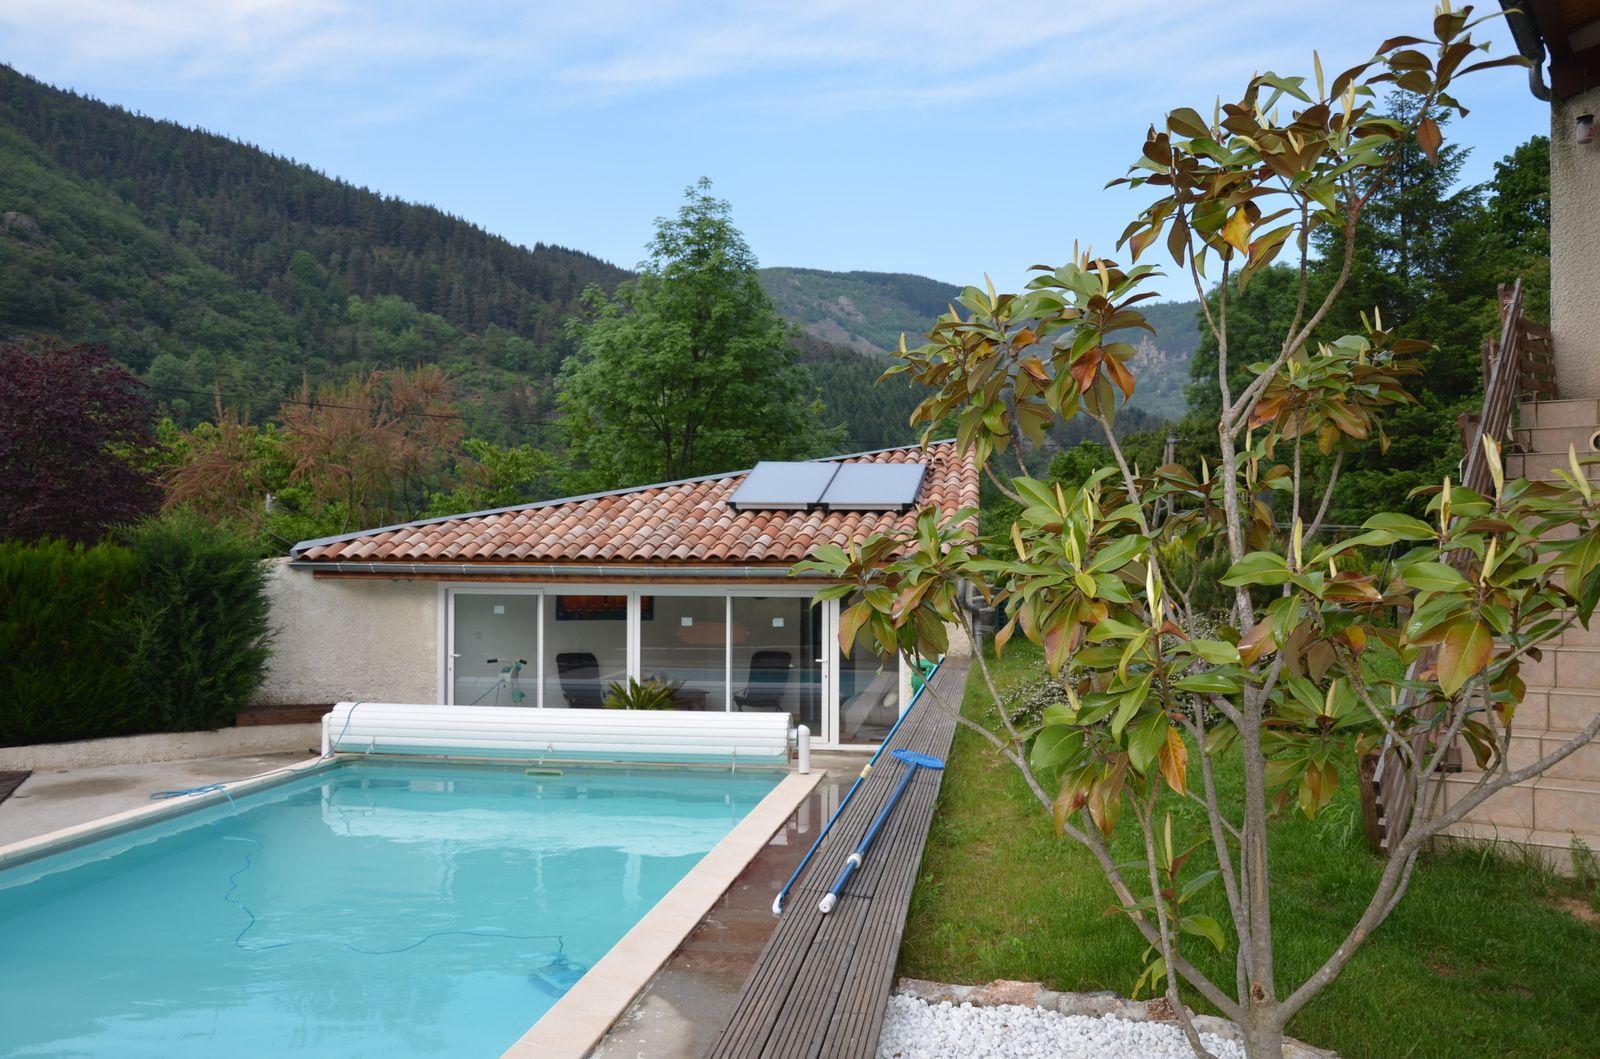 Piscine avec chauffage par panneaux solaire d lagier for Article piscine